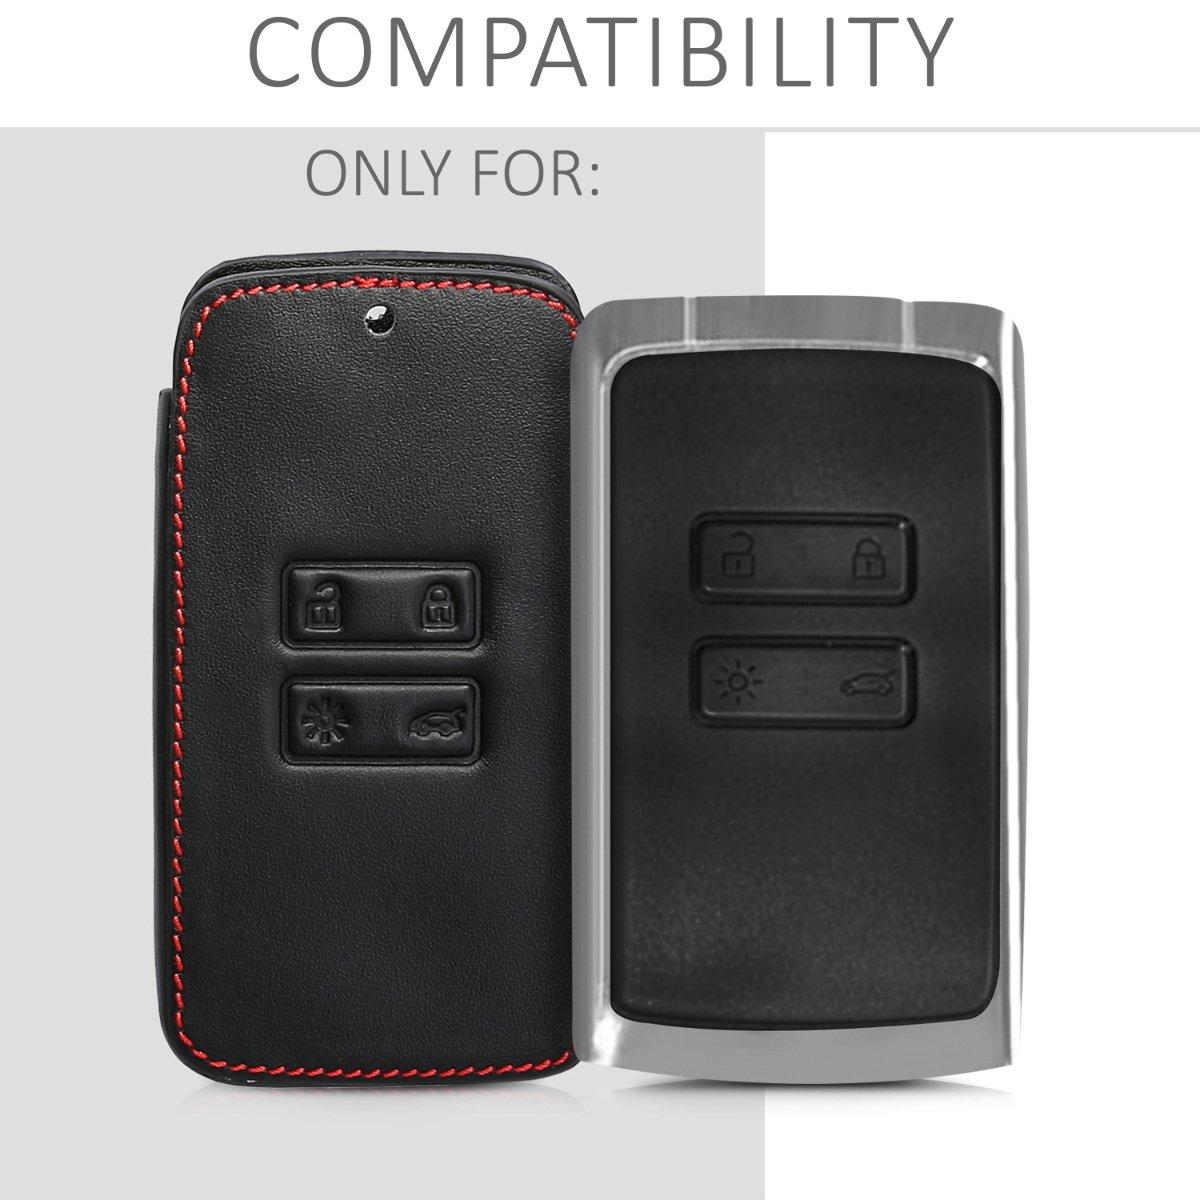 Amazon.com: kwmobile - Funda protectora para llave de coche ...